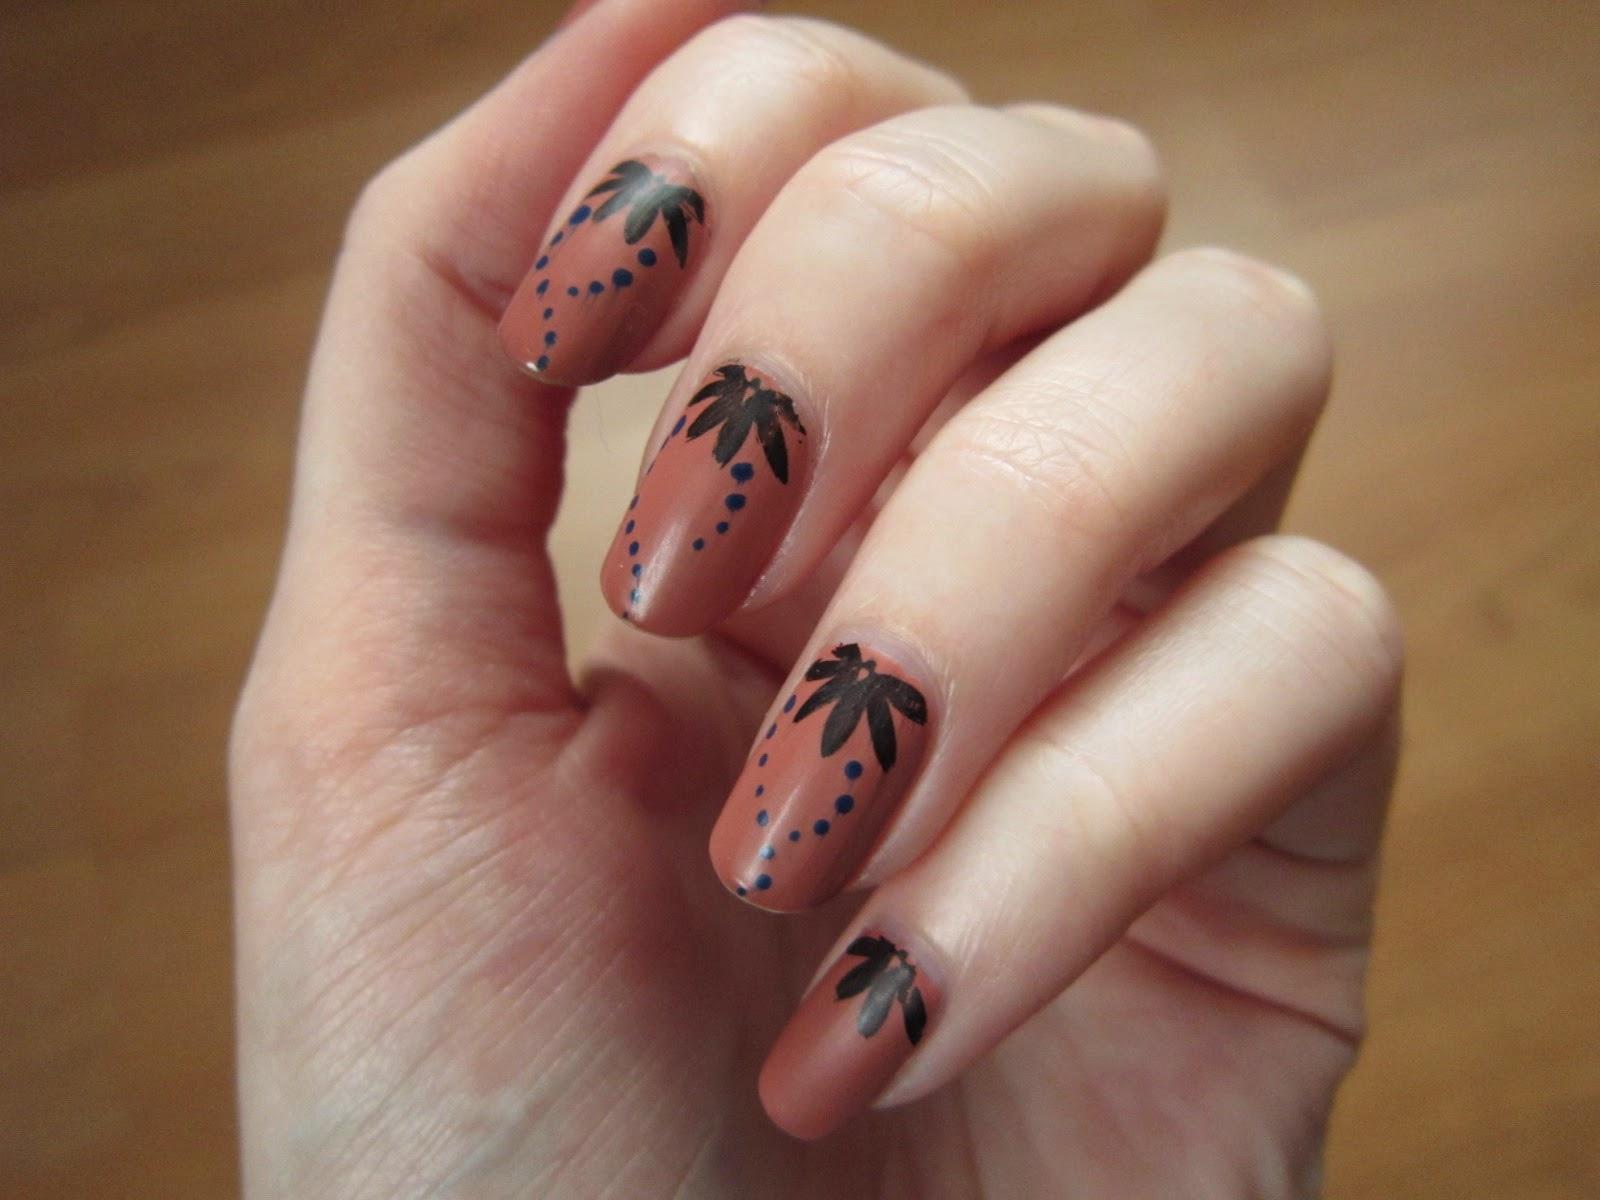 Nenapadny Matny Nail Art Blogerky Cz